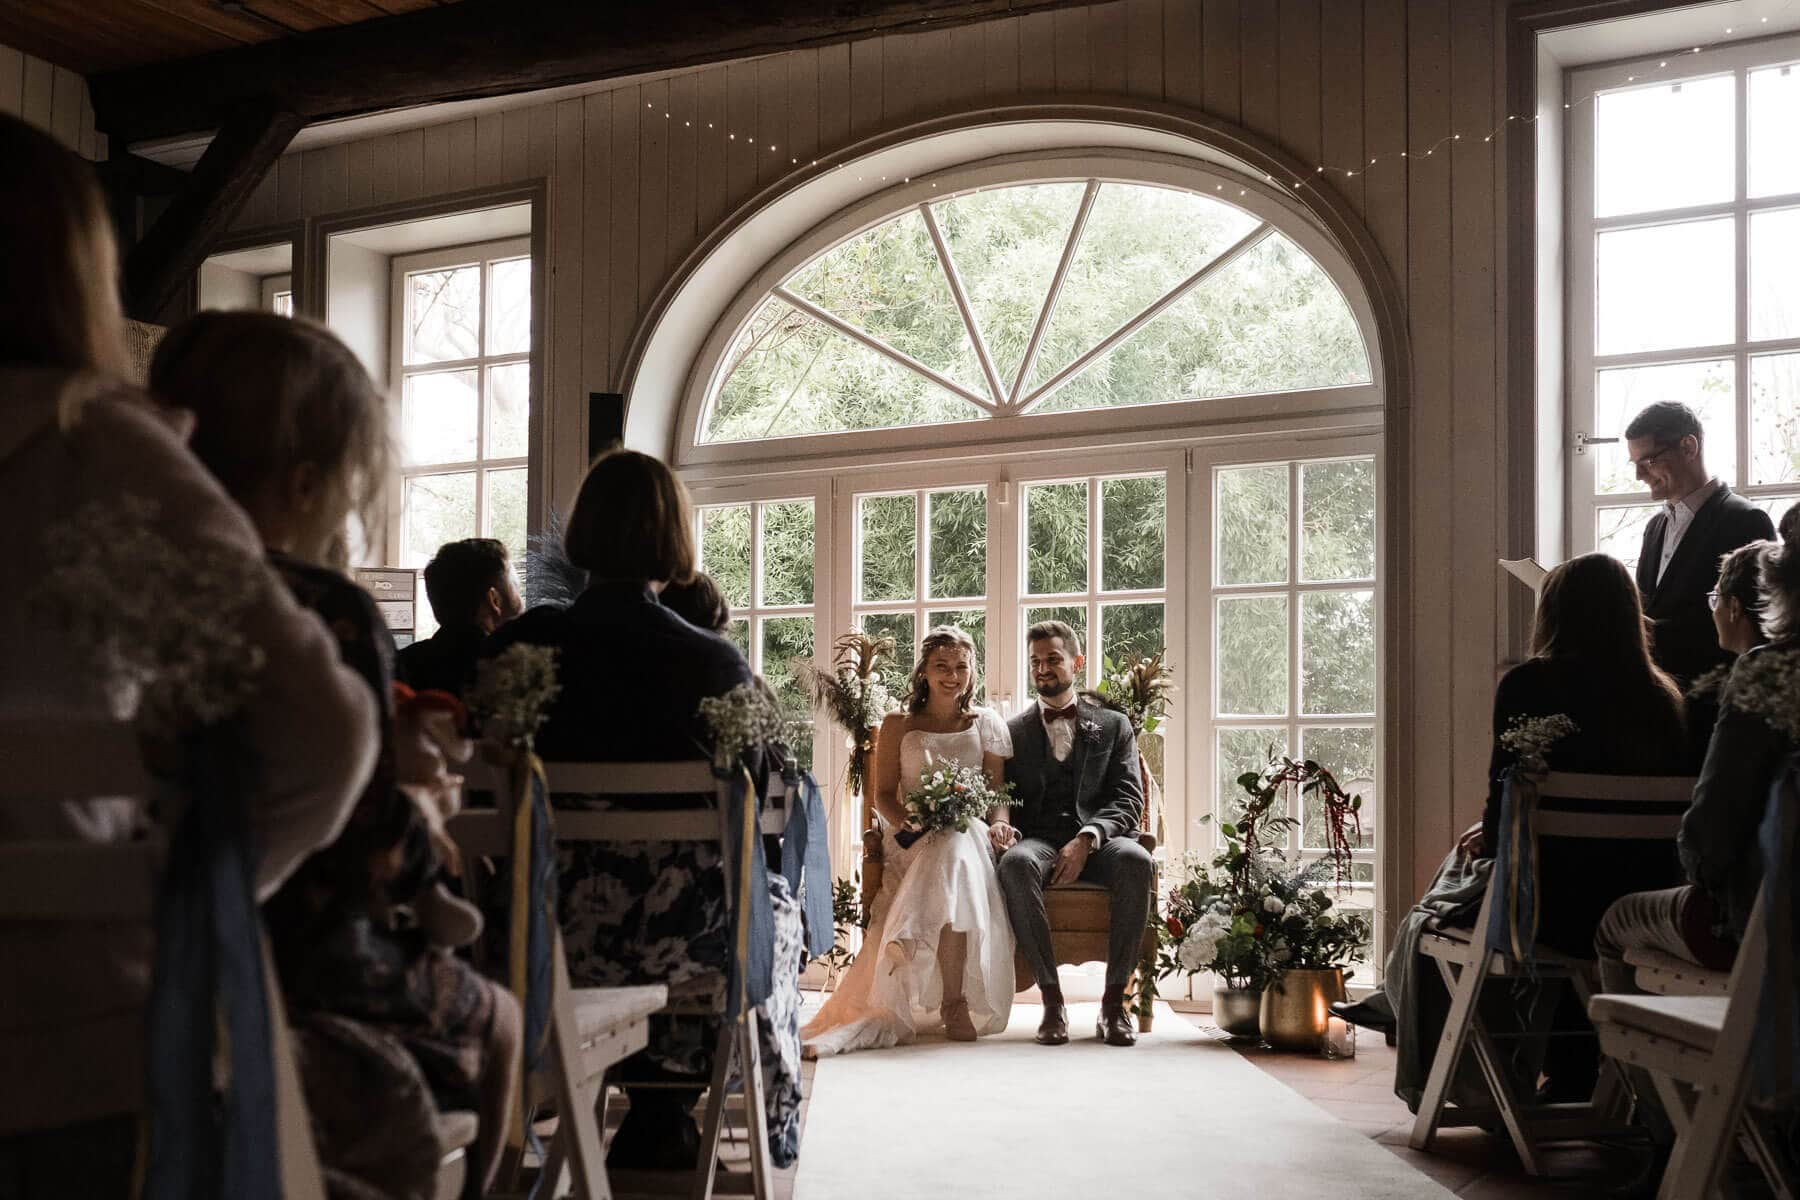 vor einer großen, hellen Bogentür in einem Landhaus steht eine geschmückt Holzbank, auf der ein Brautpaar sitzt, das Brautpaar sitzt in Richung der Gäste, die auf weißen Holzklappstühlen sitzen